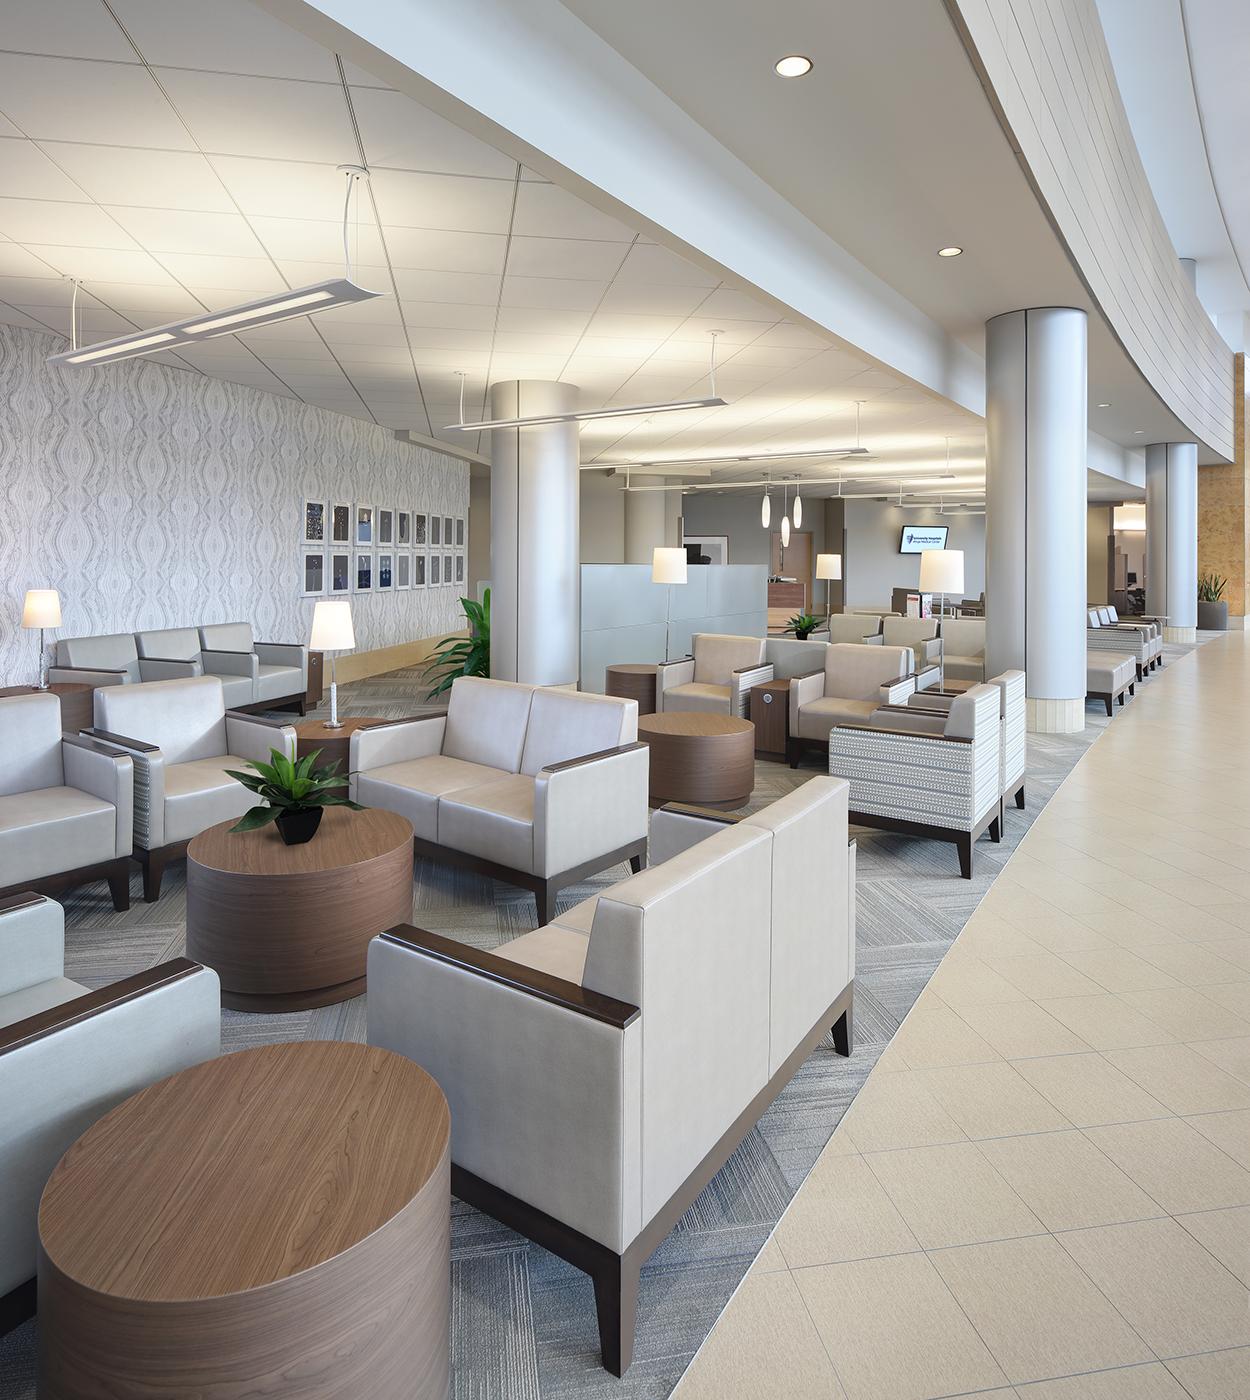 Cleveland hospital photography